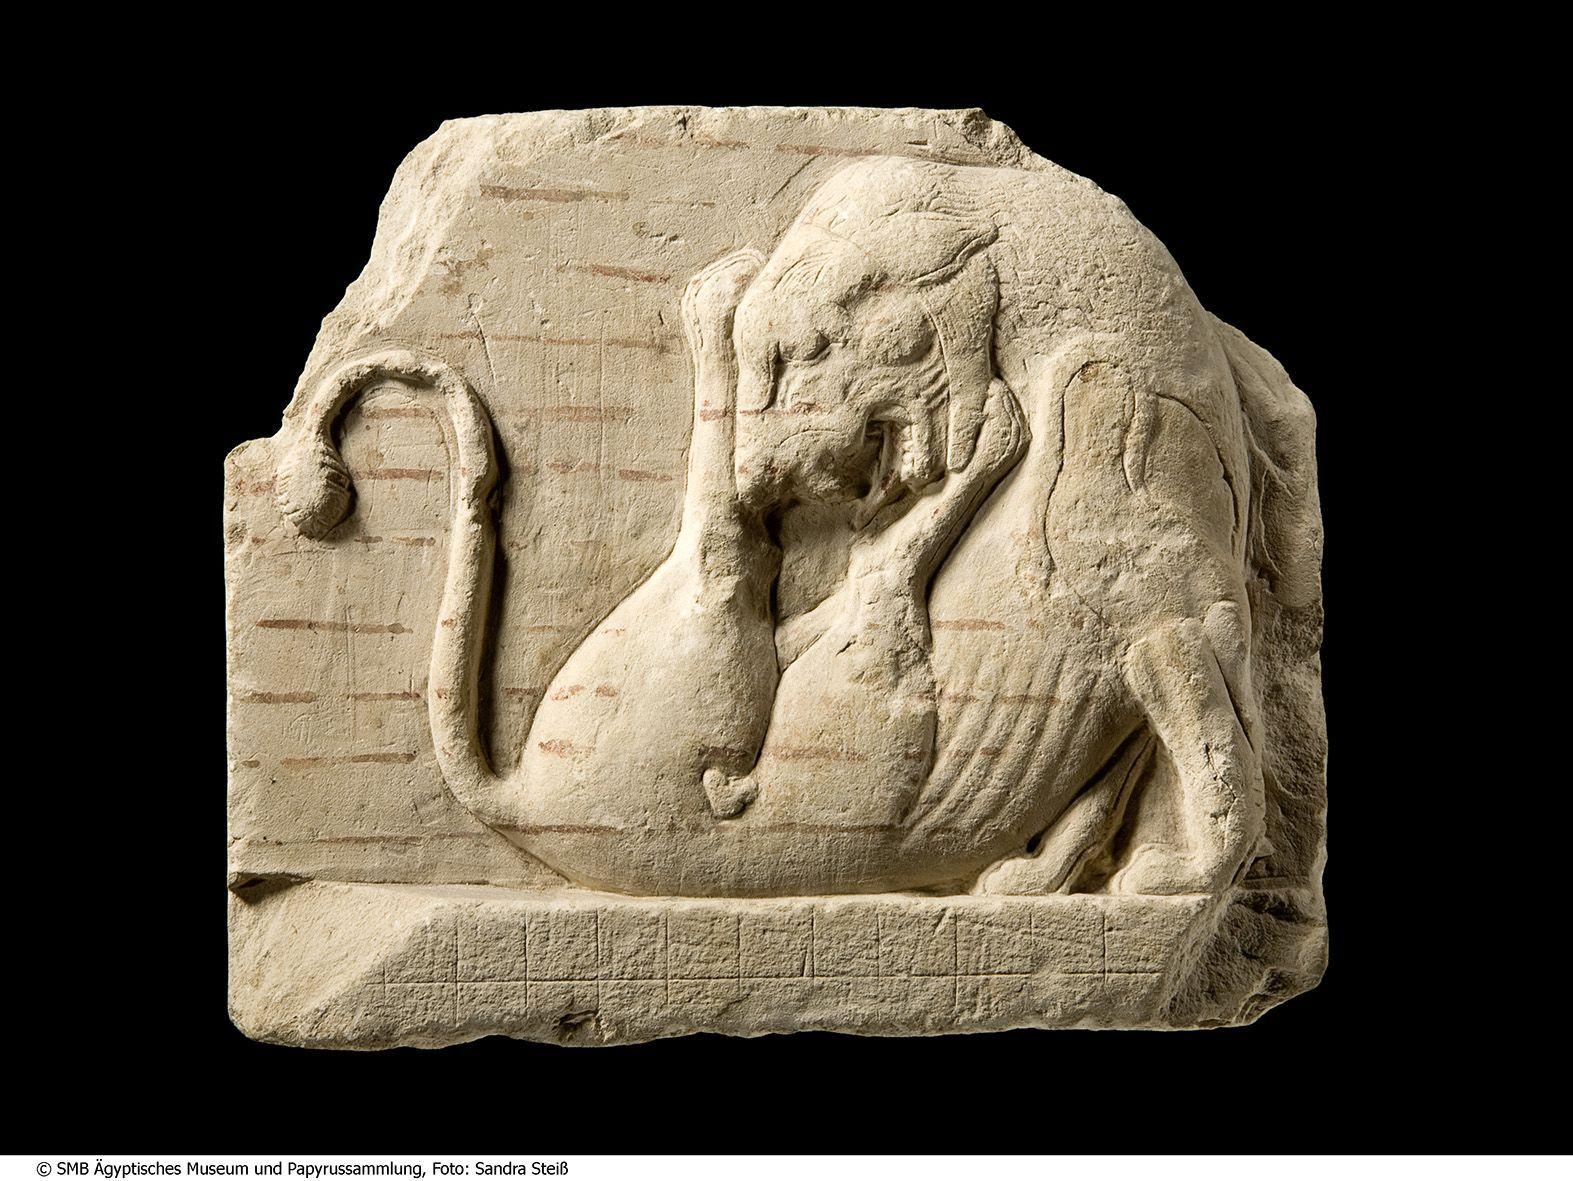 © Staatliche Museen zu Berlin, Ägyptisches Museum und Papyrussammlung / S. Steiß